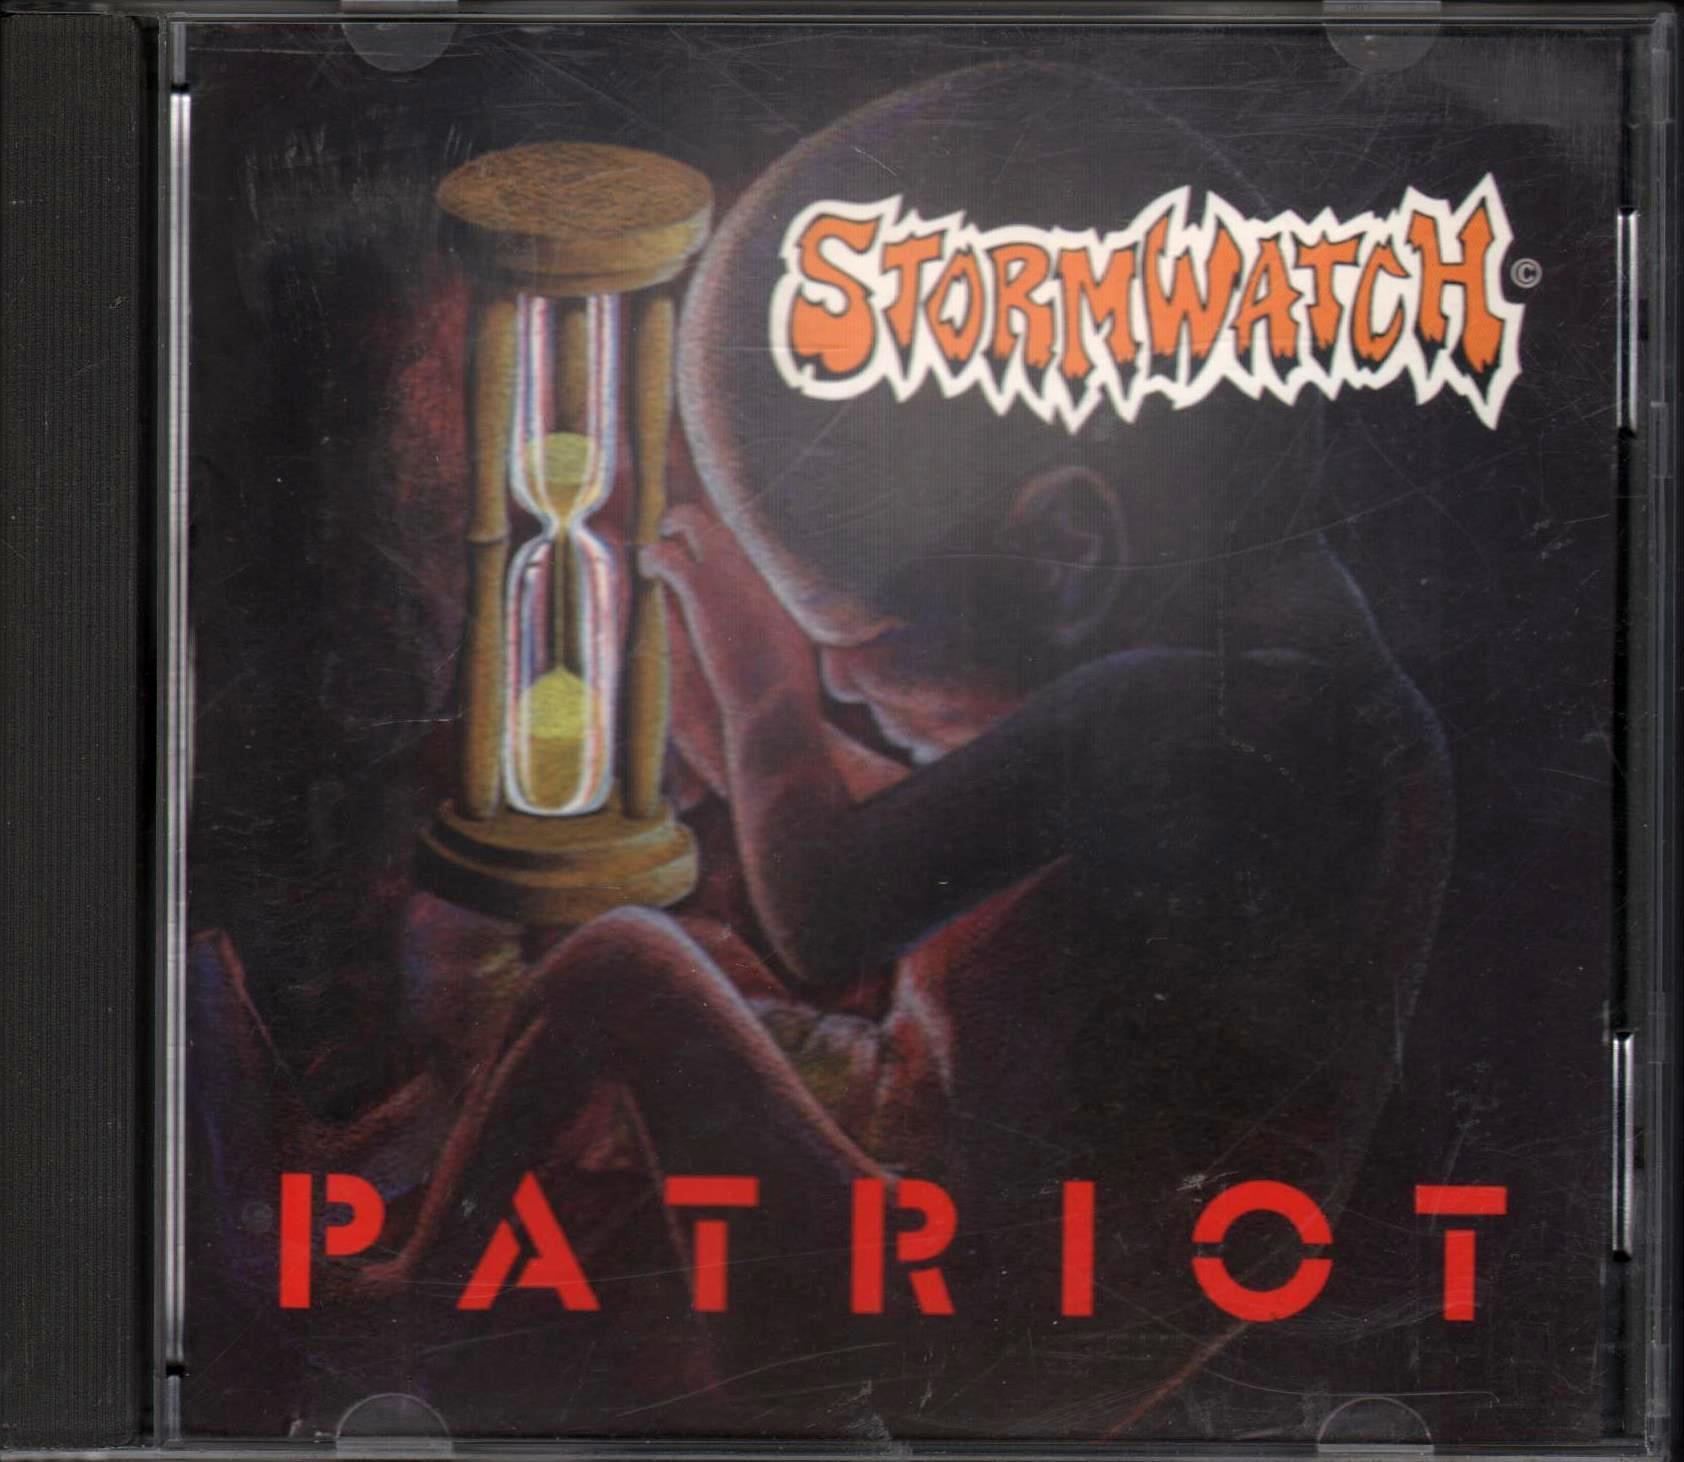 Stormwatch - Patriot